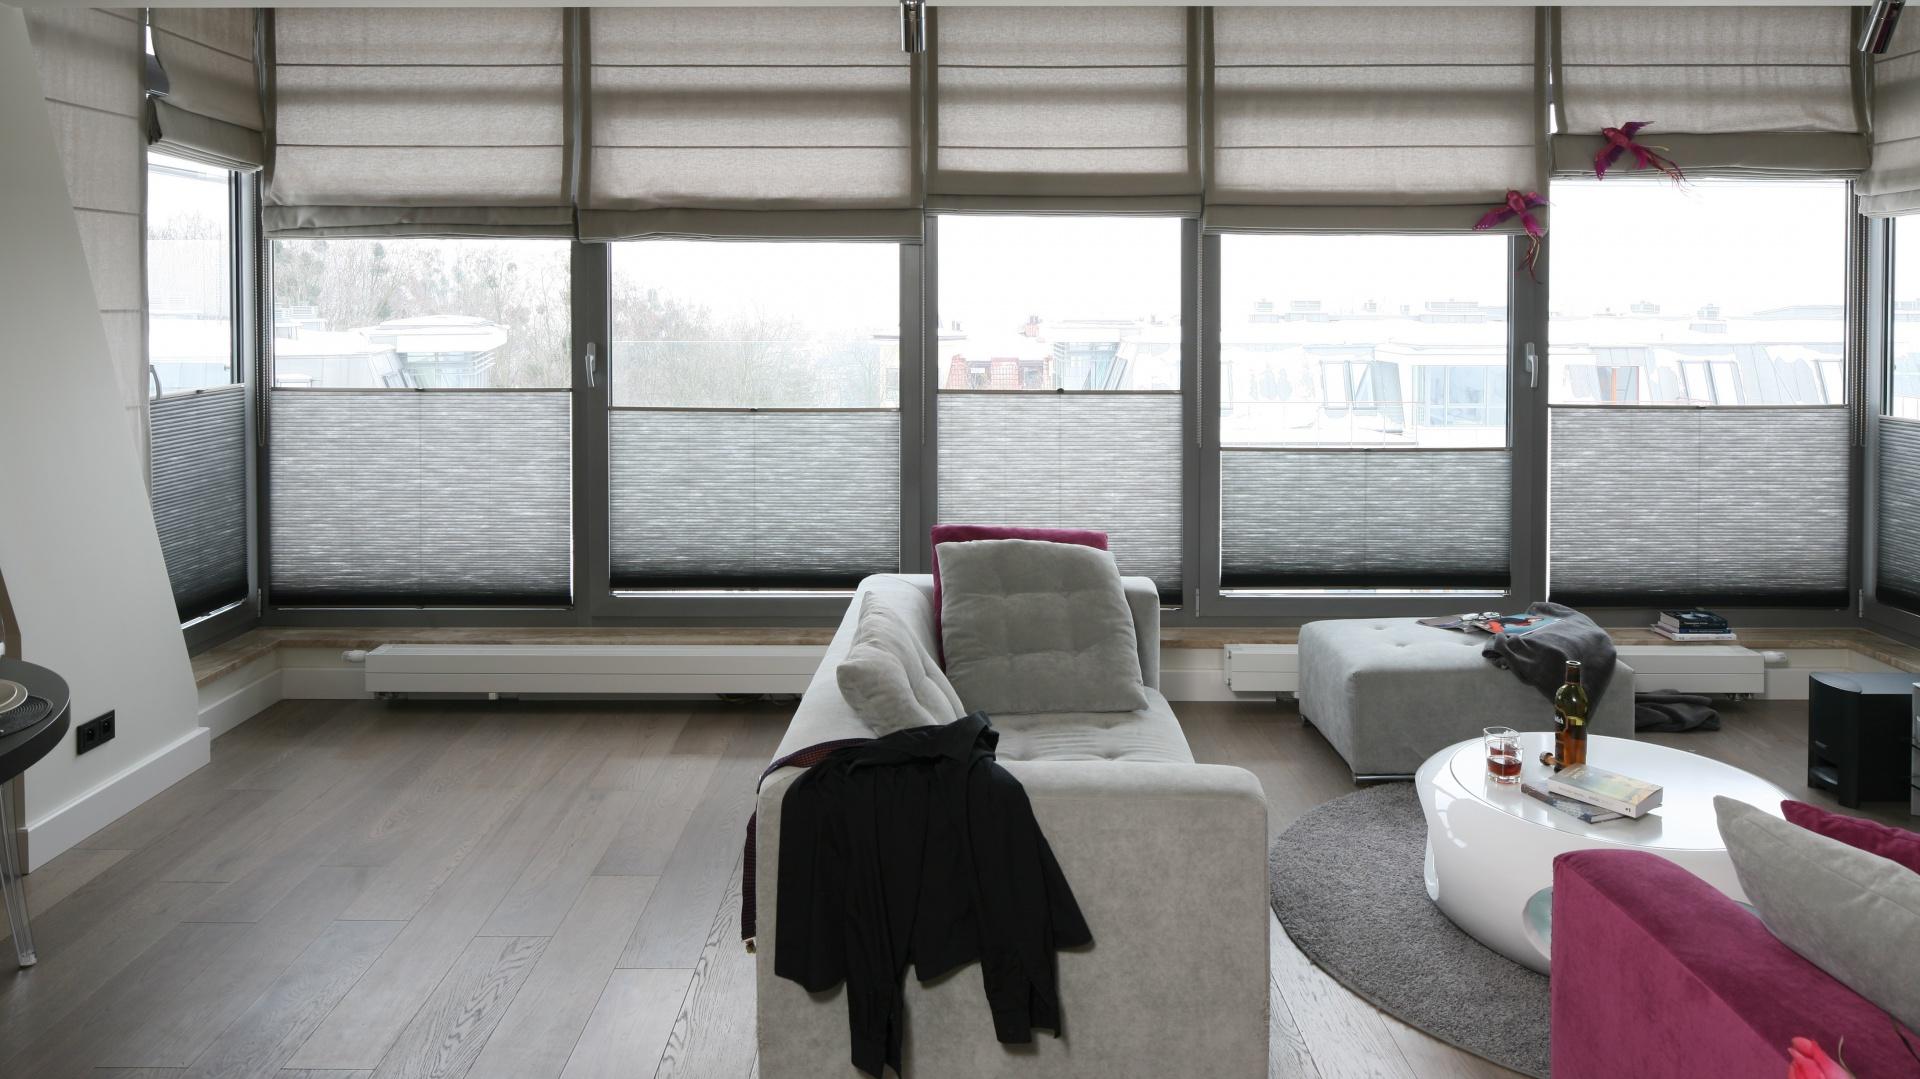 Pot exista cazuri în care pereți întregi să fie de fapt formați din ferestre